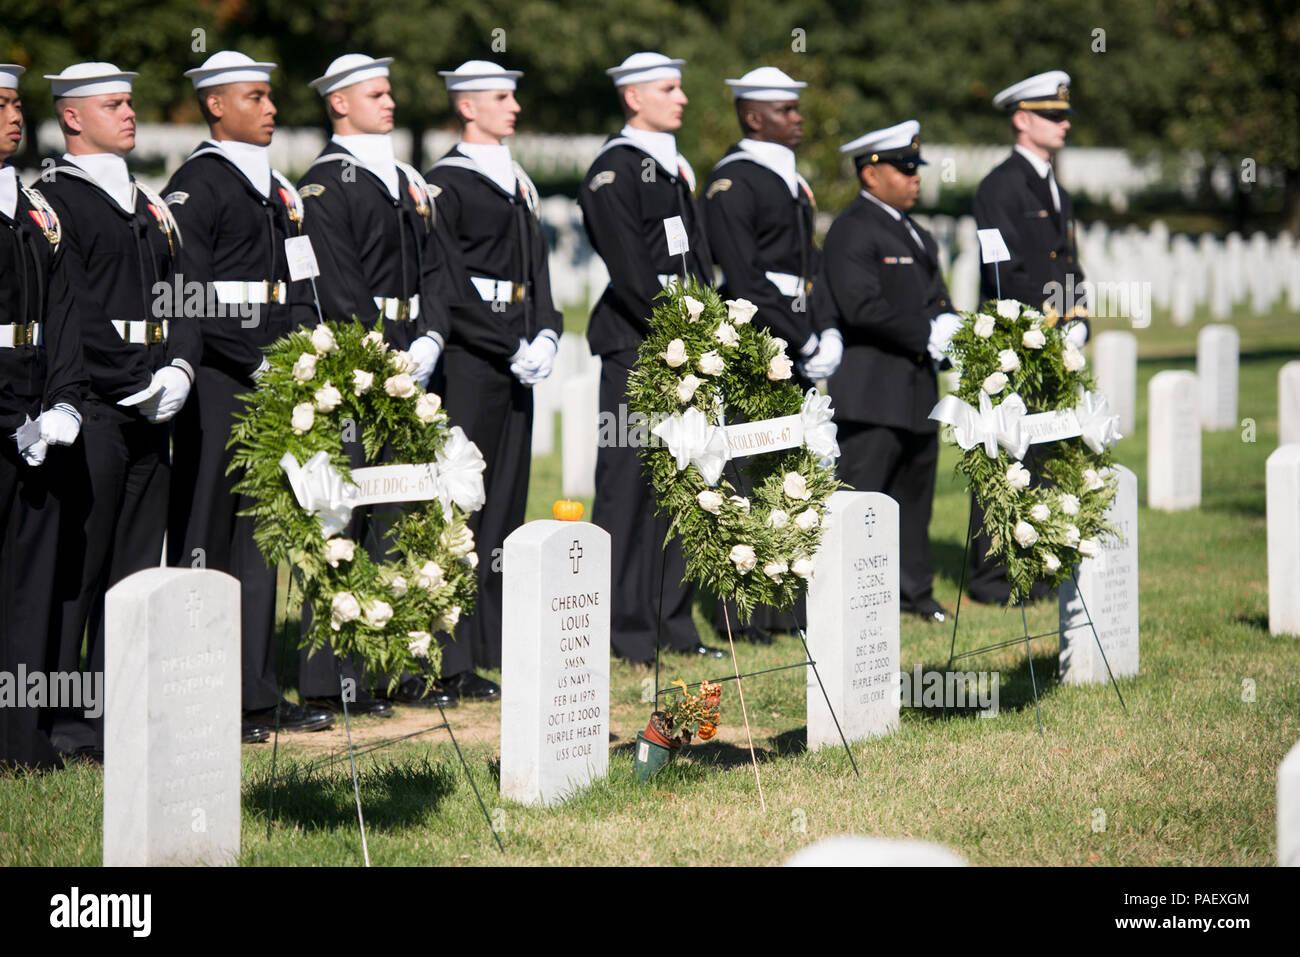 Los marineros de la Guardia Ceremonial de la Marina de los Estados Unidos participarán en una ceremonia en el Cementerio Nacional de Arlington, Arlington, Virginia, 12 de octubre de 2015, para recordar a los 17 marineros estadounidenses murieron durante el ataque terrorista contra el USS Cole. Comandante de la Marina de EE.UU. S. Kirk Lippold, quien habló durante la ceremonia, comandó el USS Cole en el momento del ataque, que ocurrió a las 11:18 a.m. el 12 de octubre de 2000. Foto de stock